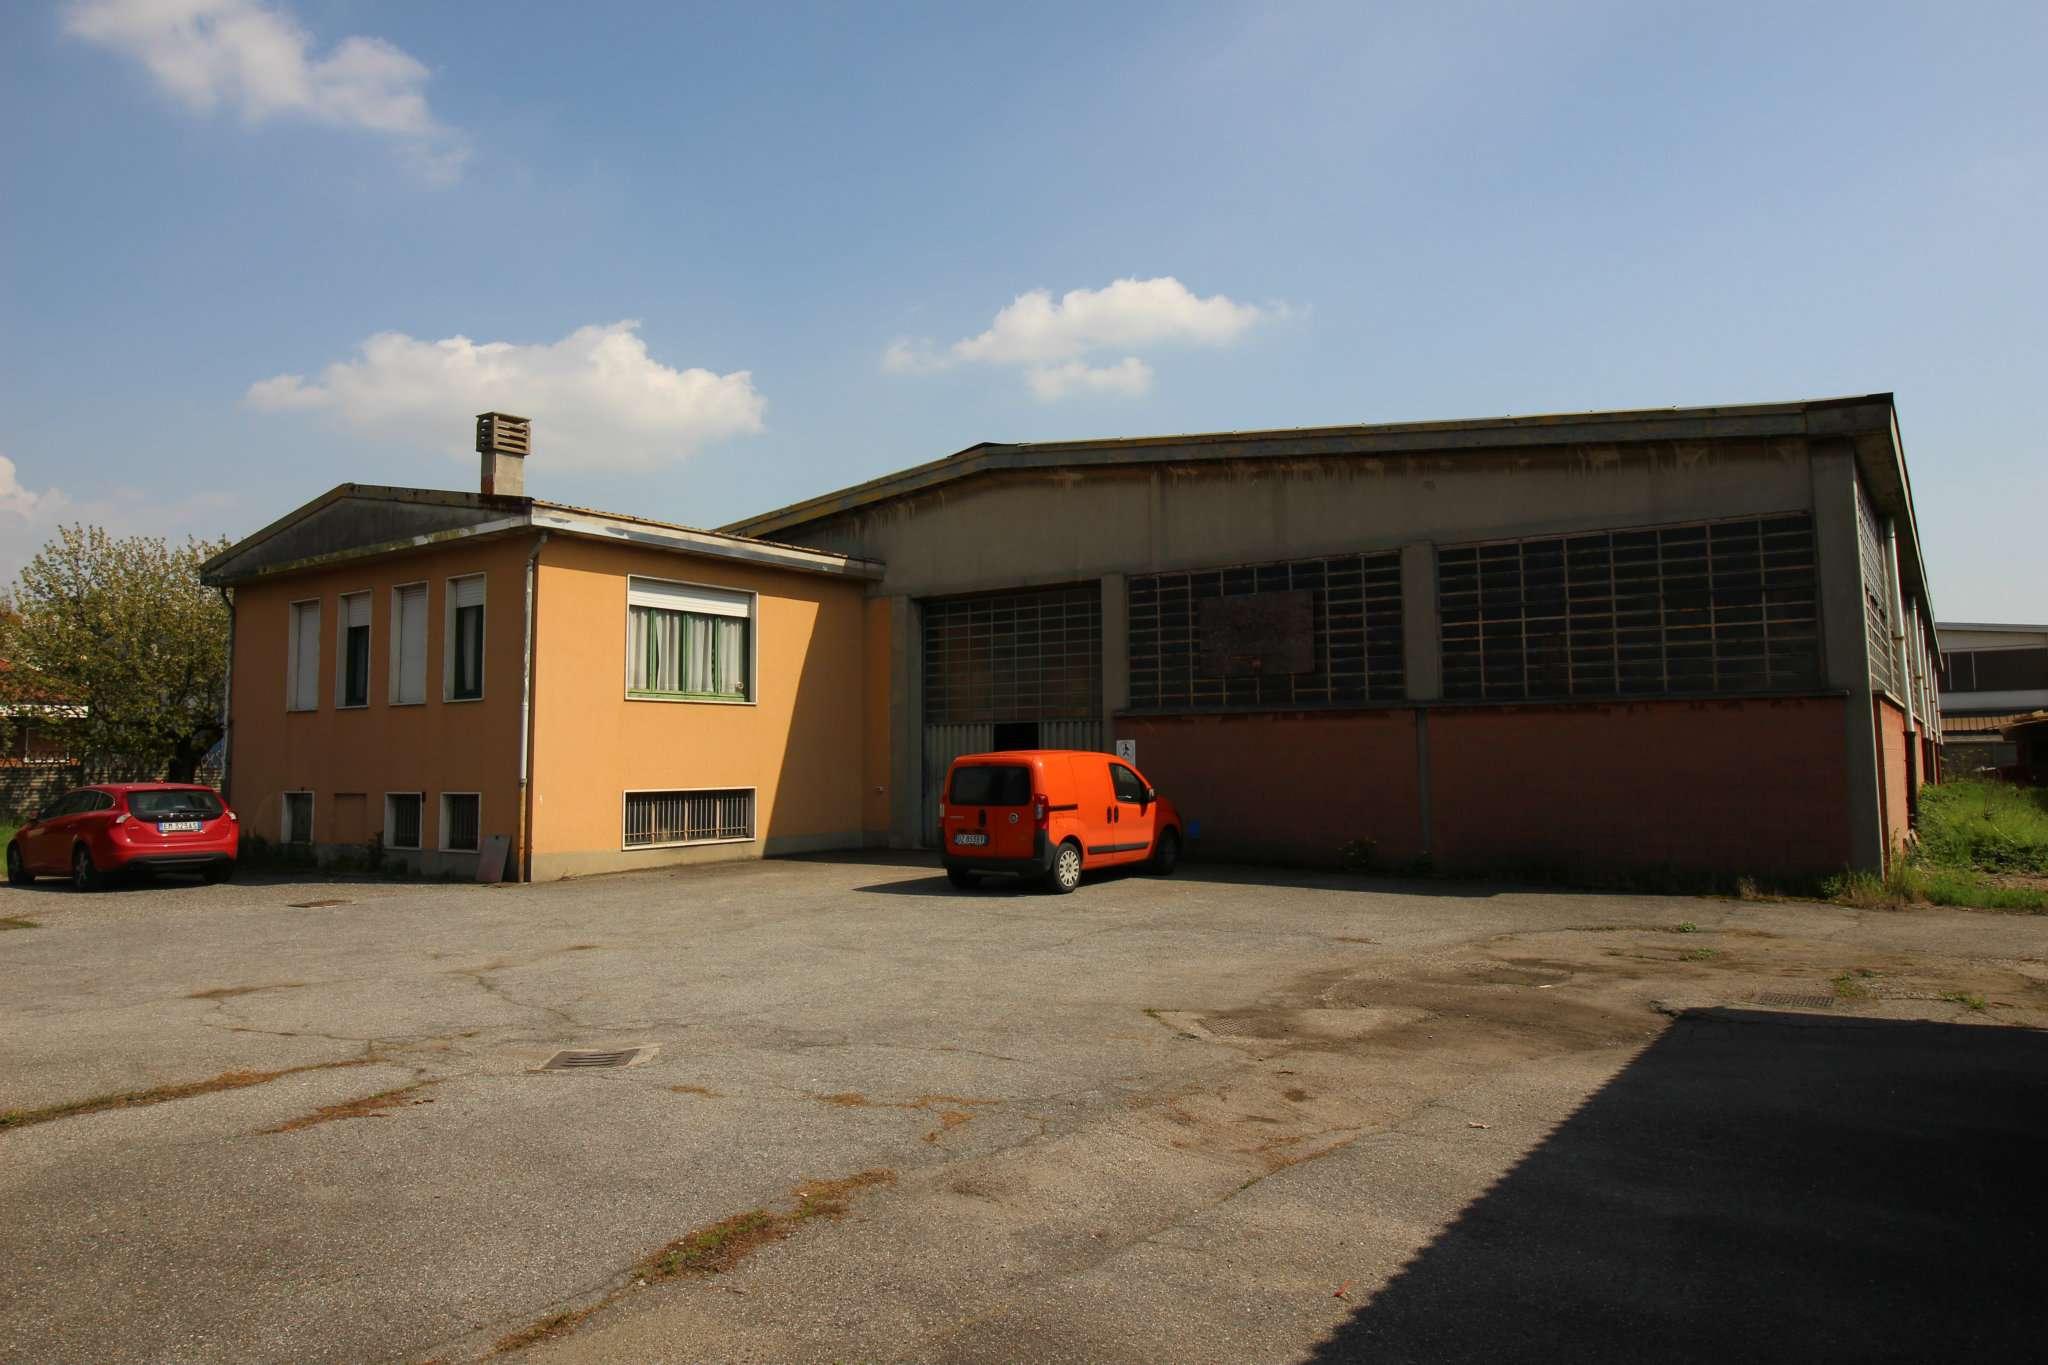 Capannone in vendita a San Giorgio su Legnano, 7 locali, prezzo € 650.000 | CambioCasa.it